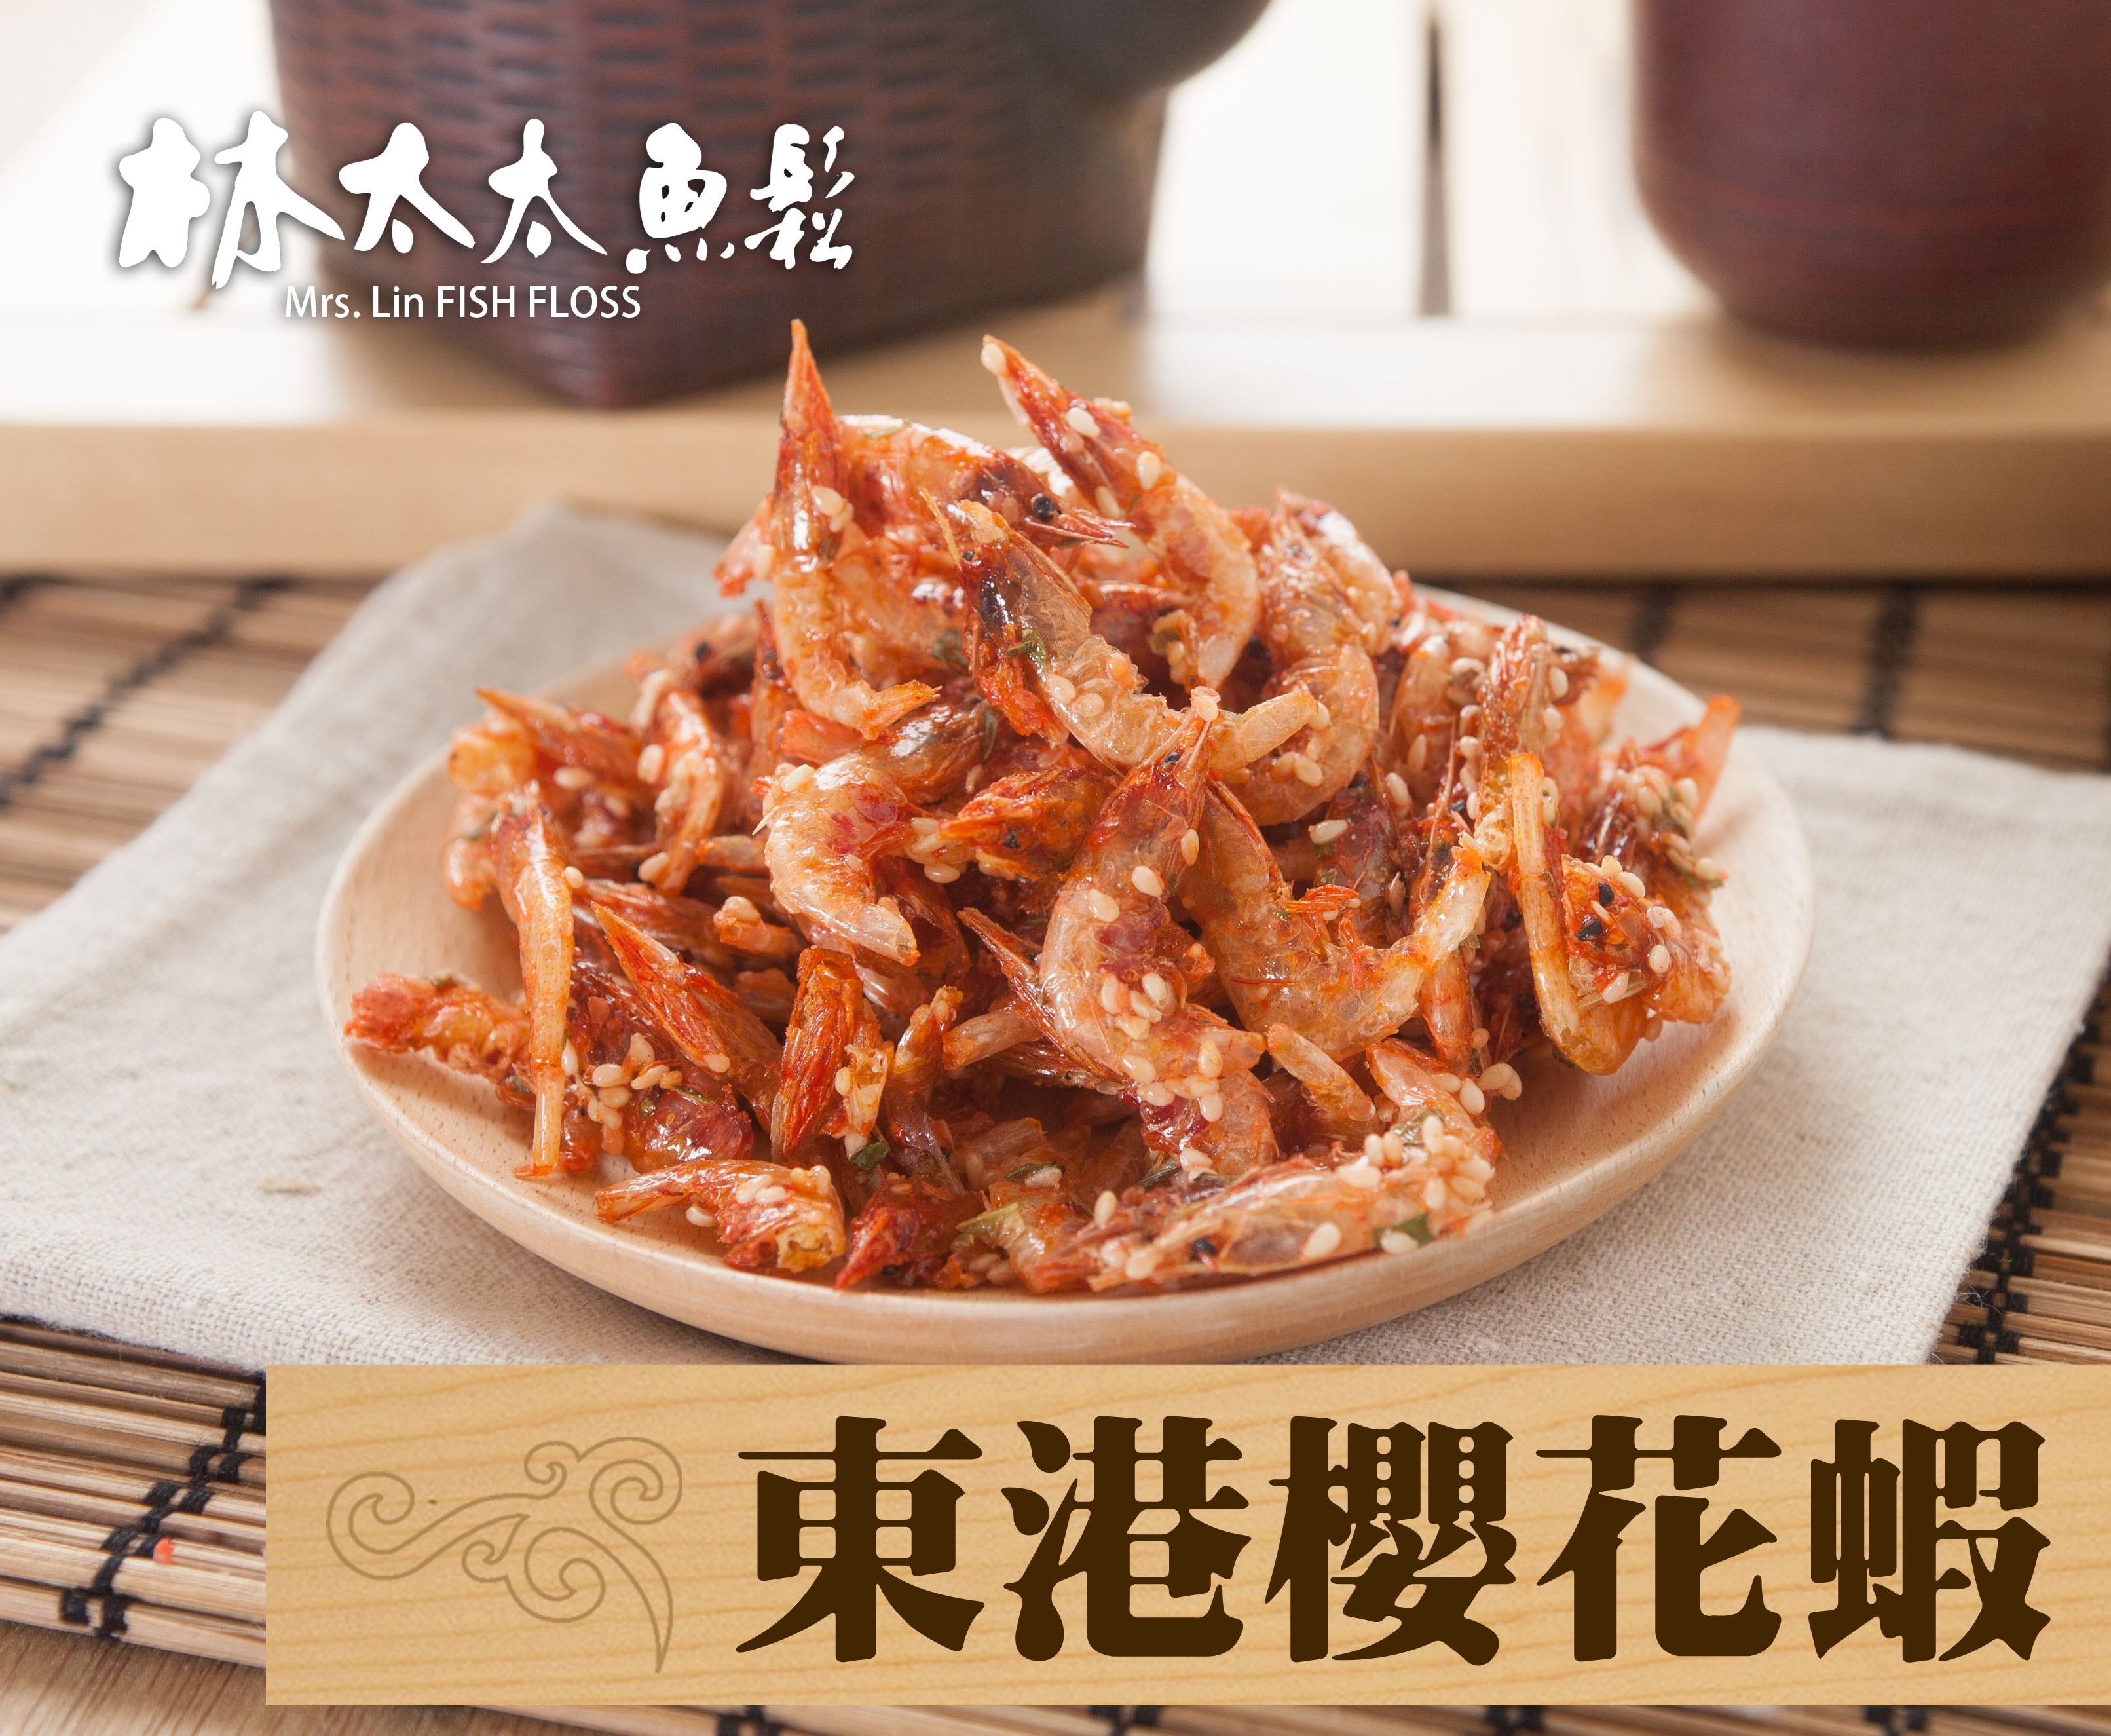 東港櫻花蝦 225g 林太太魚鬆專賣